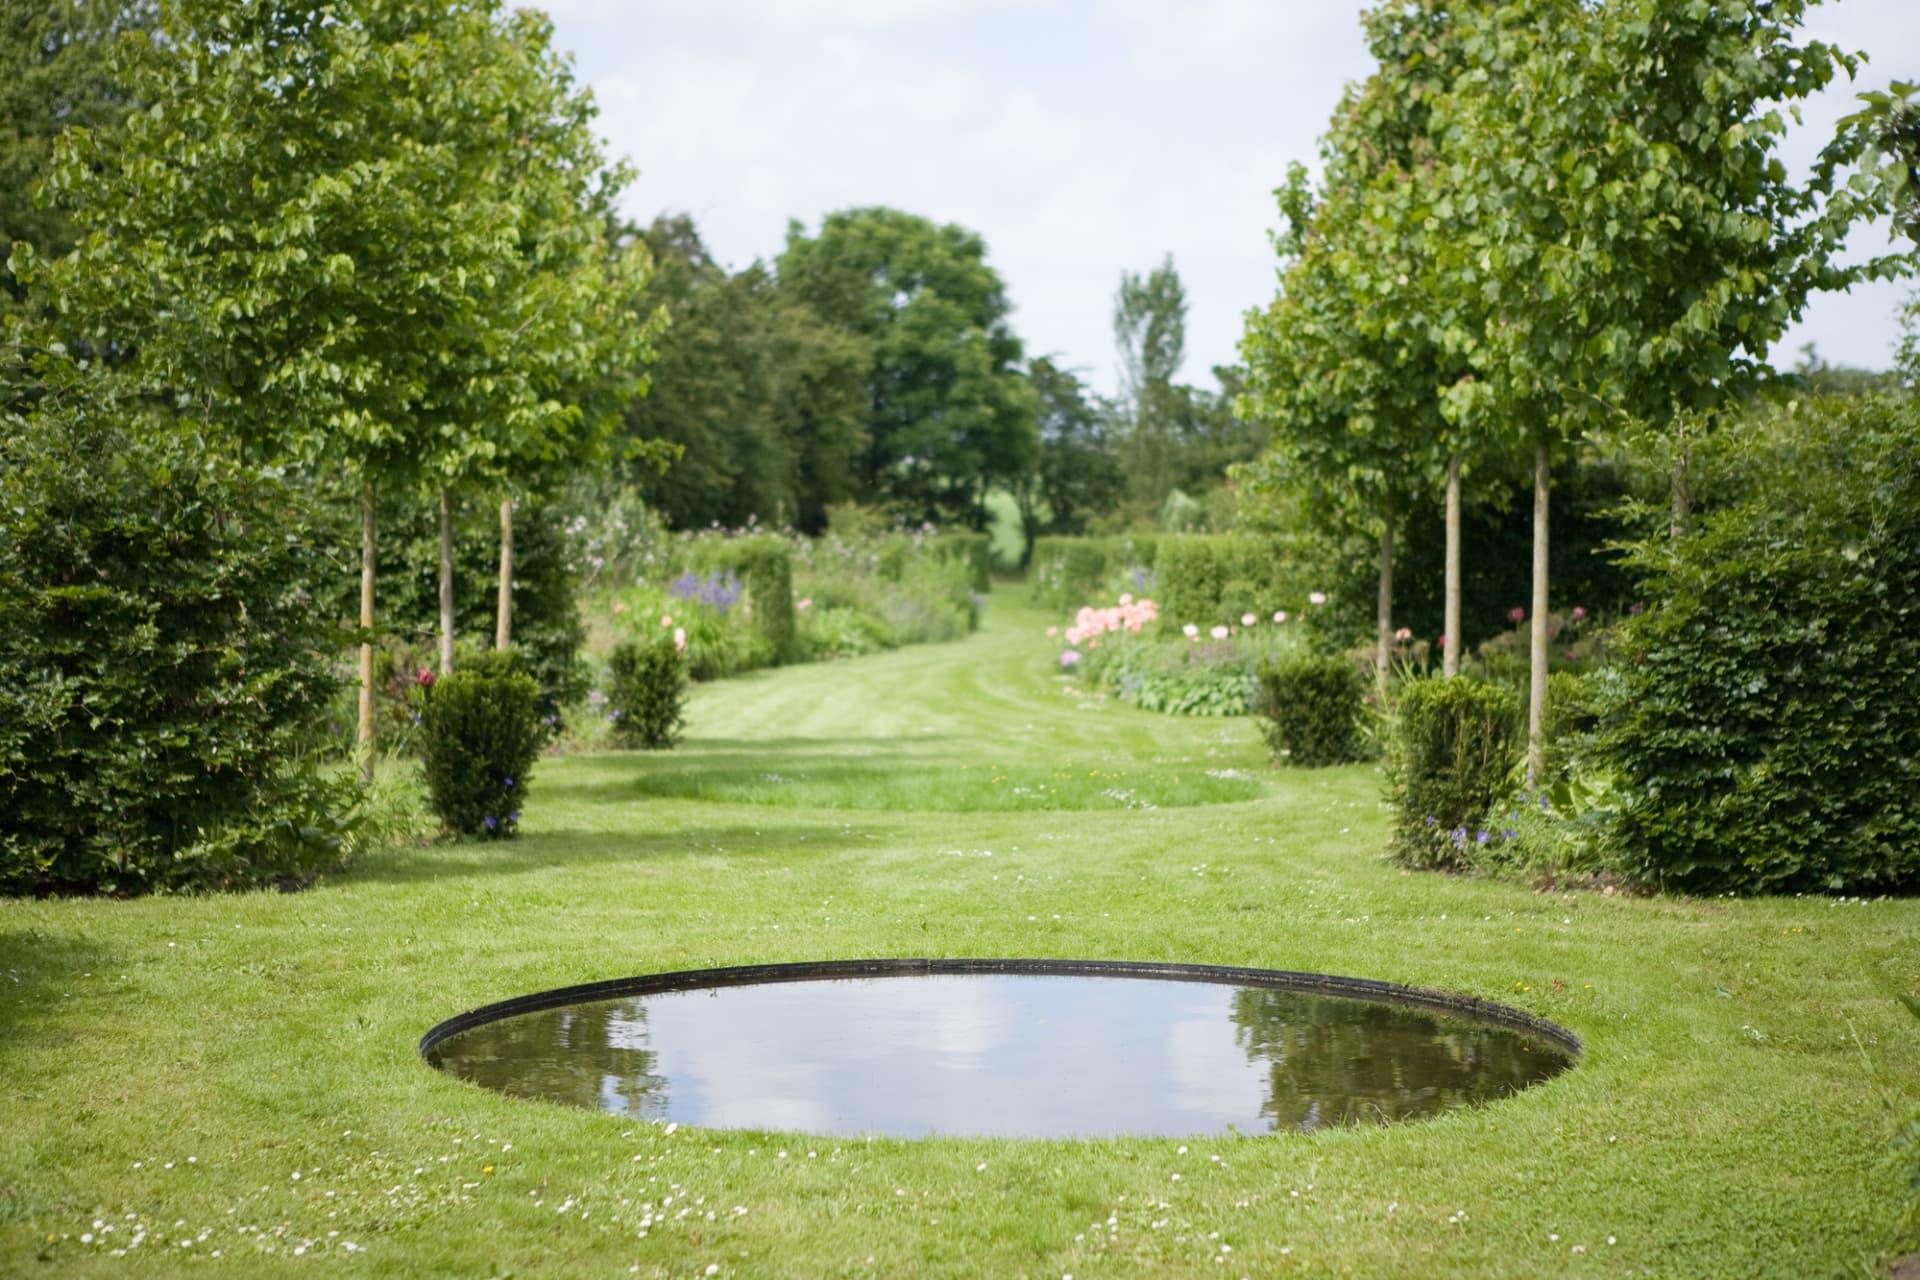 Den cirkelformade dammen speglar och drar ned himlen i dammen. Utsikt mot de böljande stora perennrabatterna.